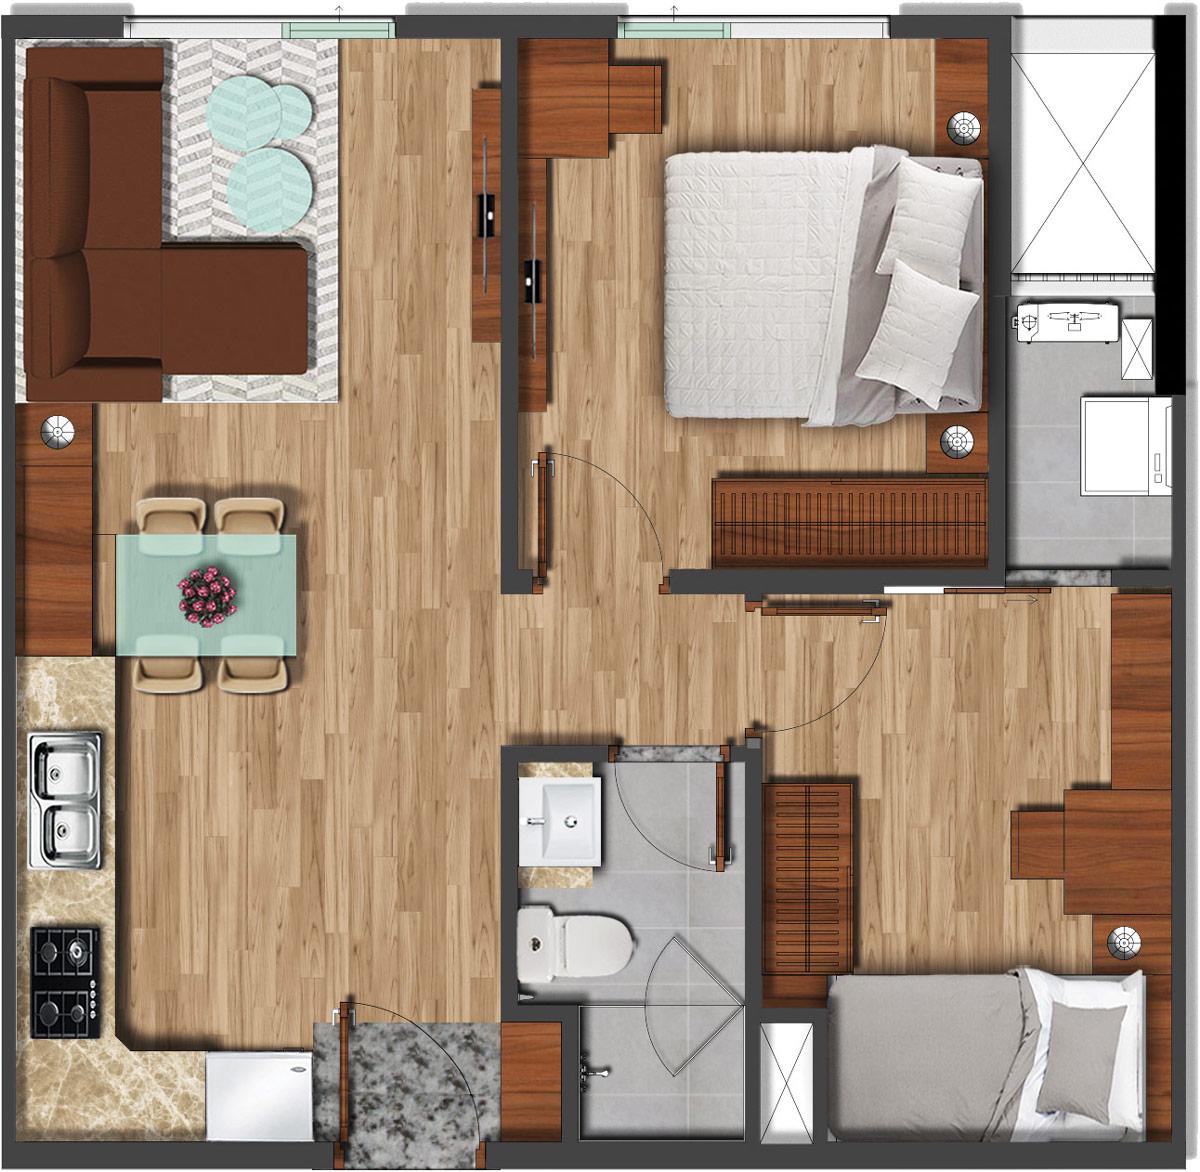 Mặt bằng căn hộ 56m2 - 2PN 1WC